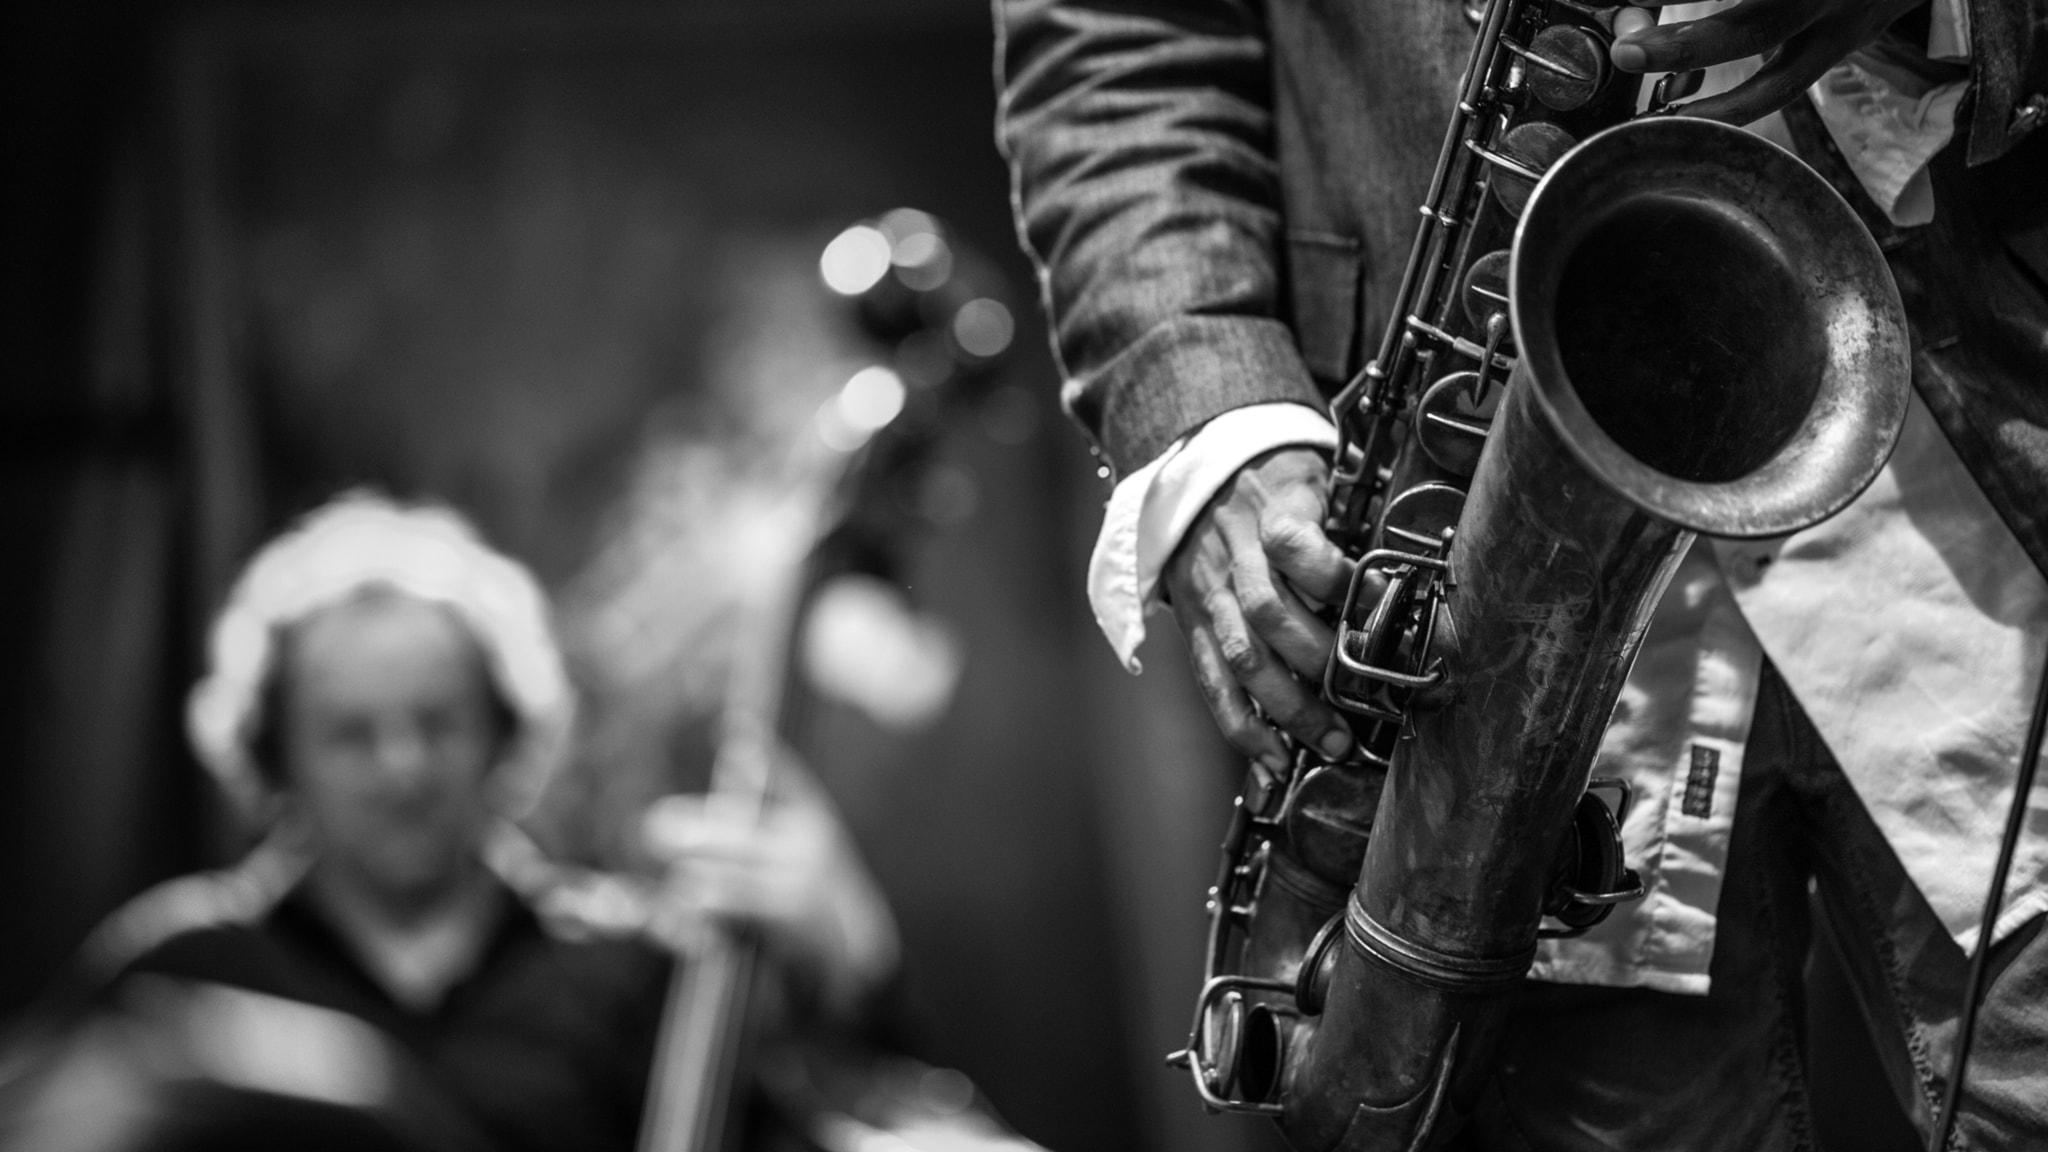 1950-luvun konsertissa kuplintaa ja syviä syövereitä